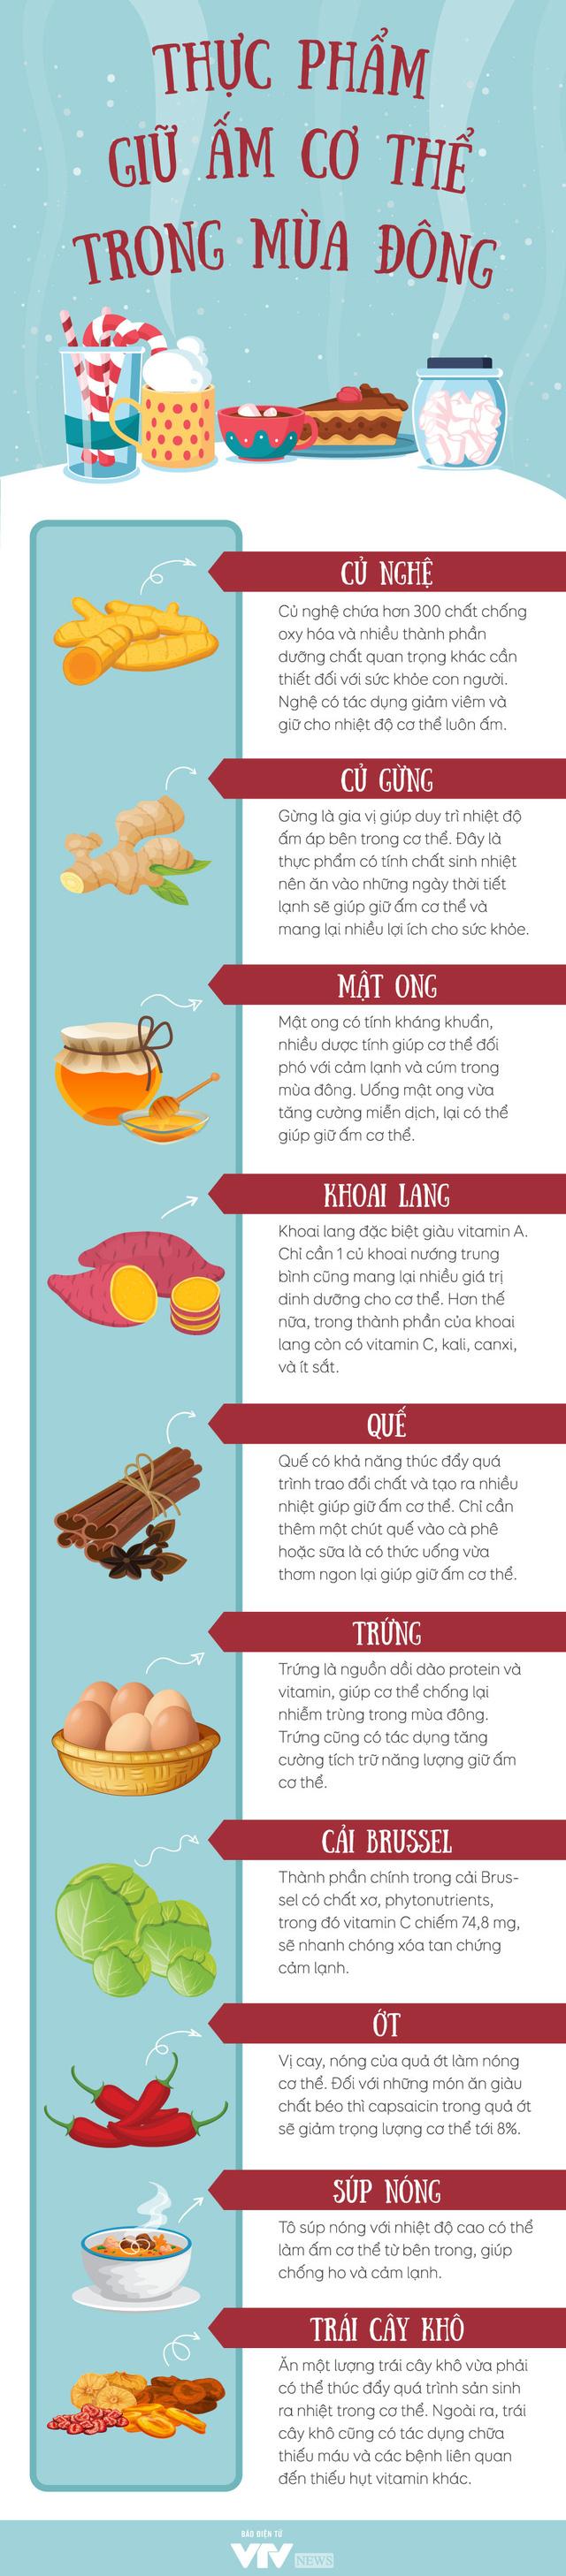 Thực phẩm giữ ấm cơ thể trong mùa đông - Ảnh 1.